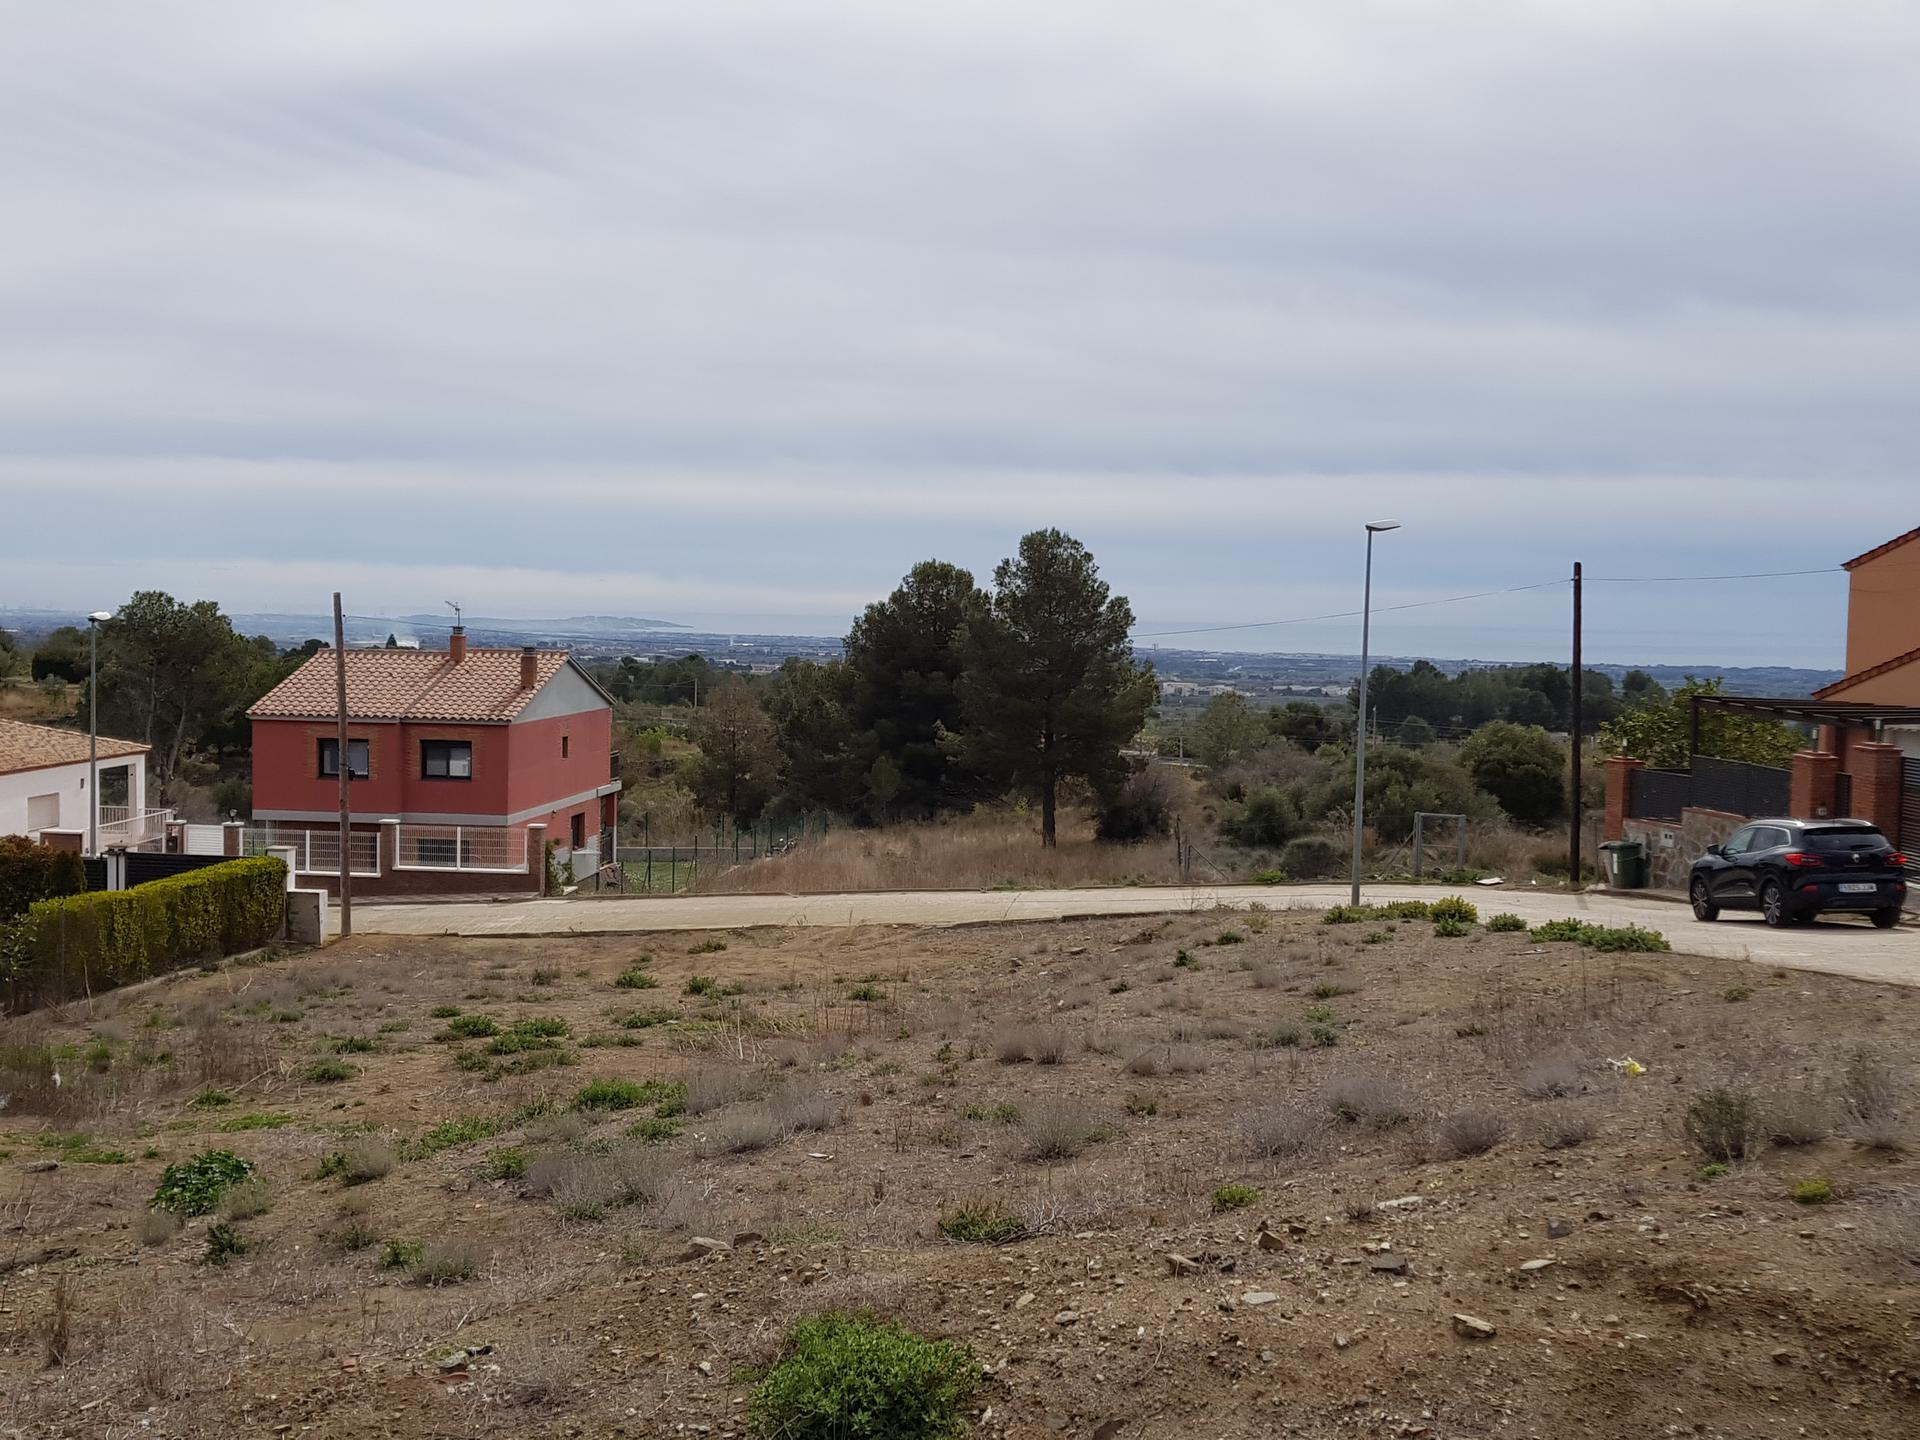 земельный участок -                               Riudecanyes -                               0 спальни -                               0 человека